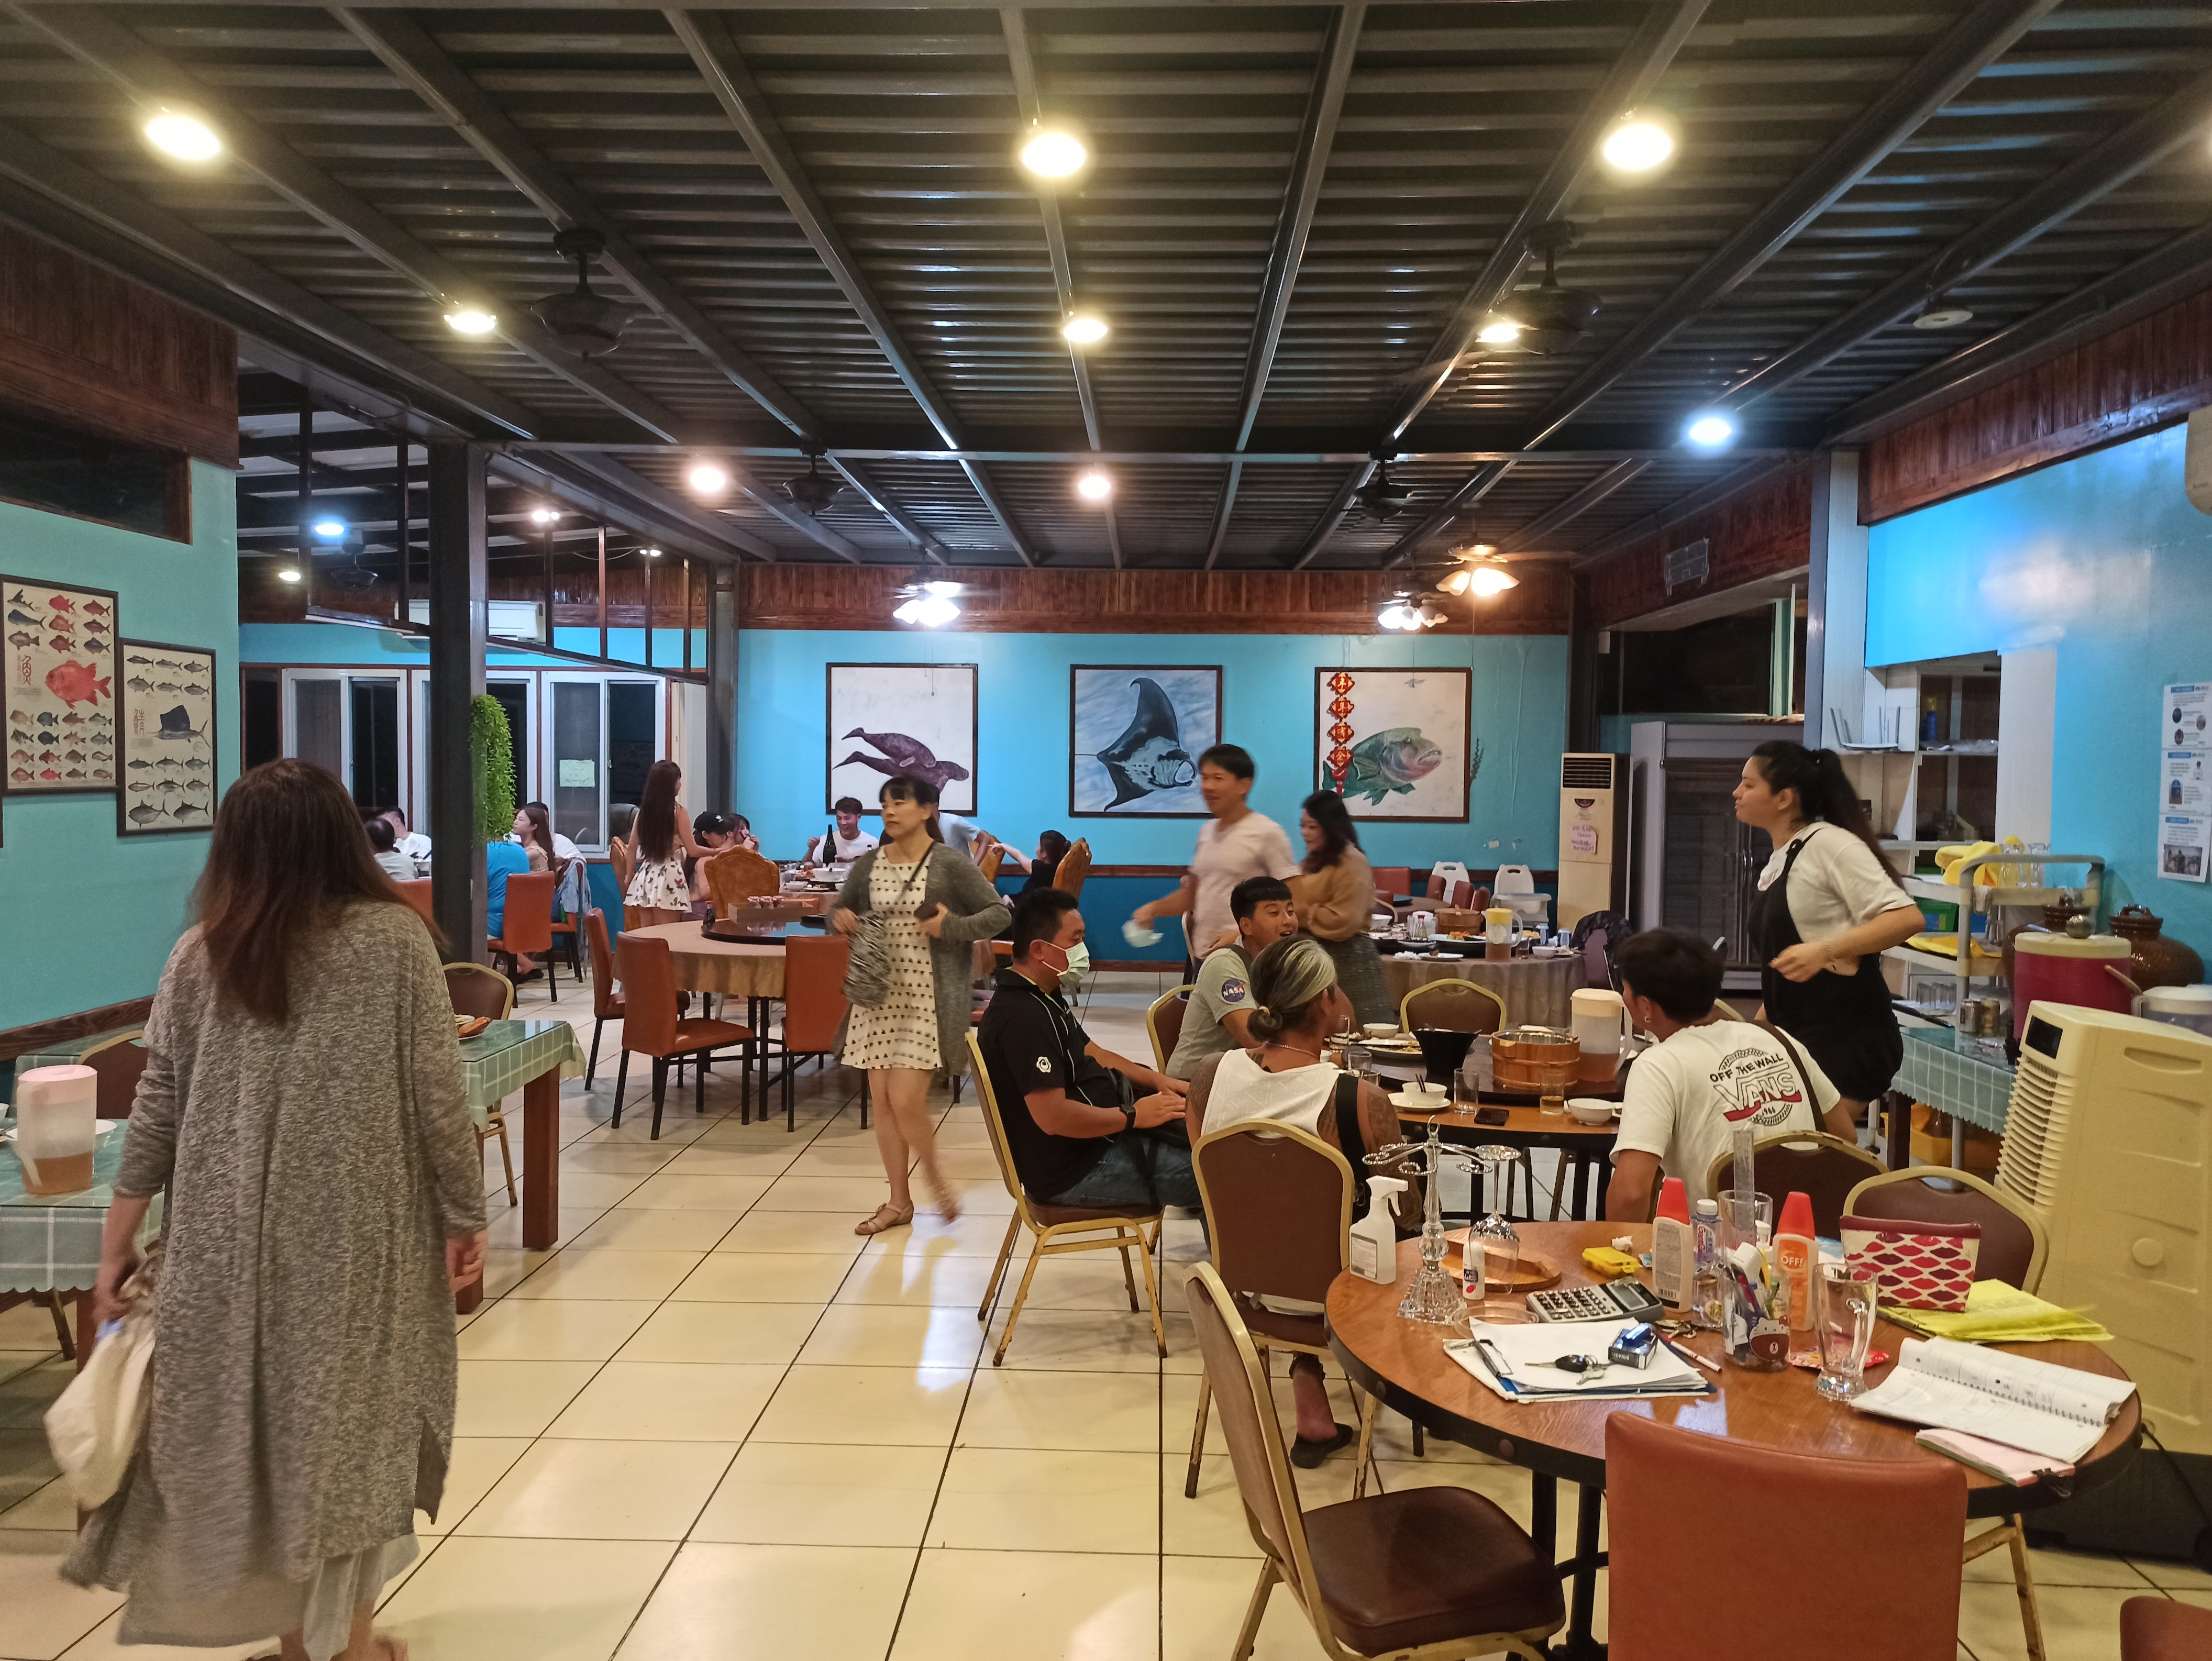 コロナ禍でのパラオの円卓のある台湾系レストラン